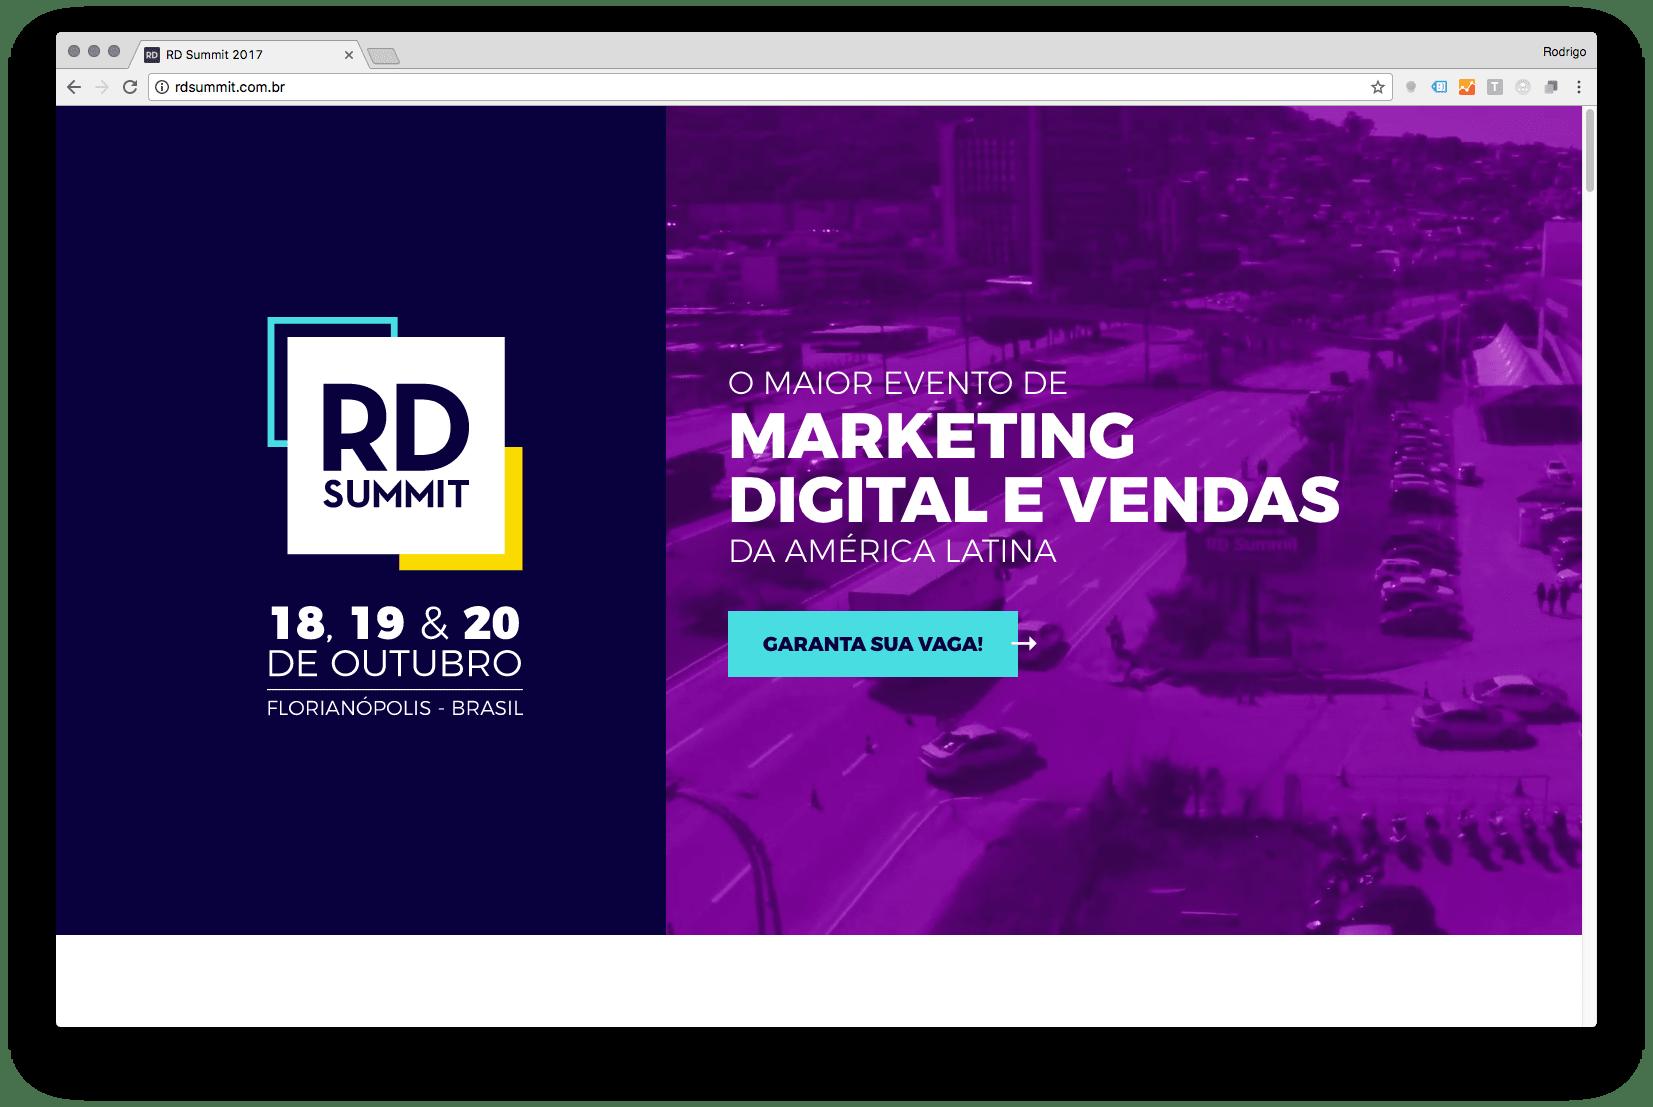 imagem do site do RD Summit